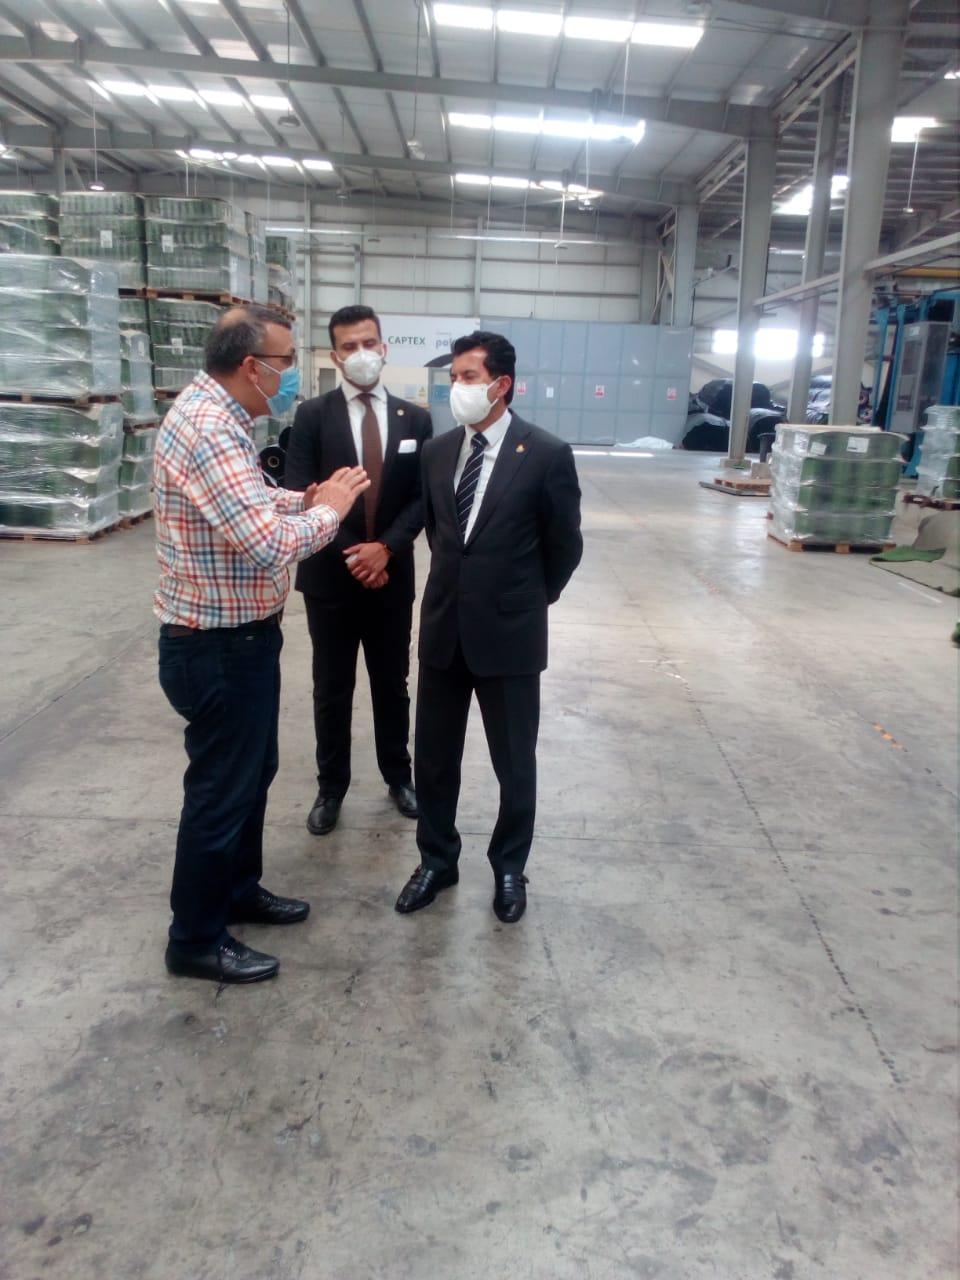 الوزير فى المصنع